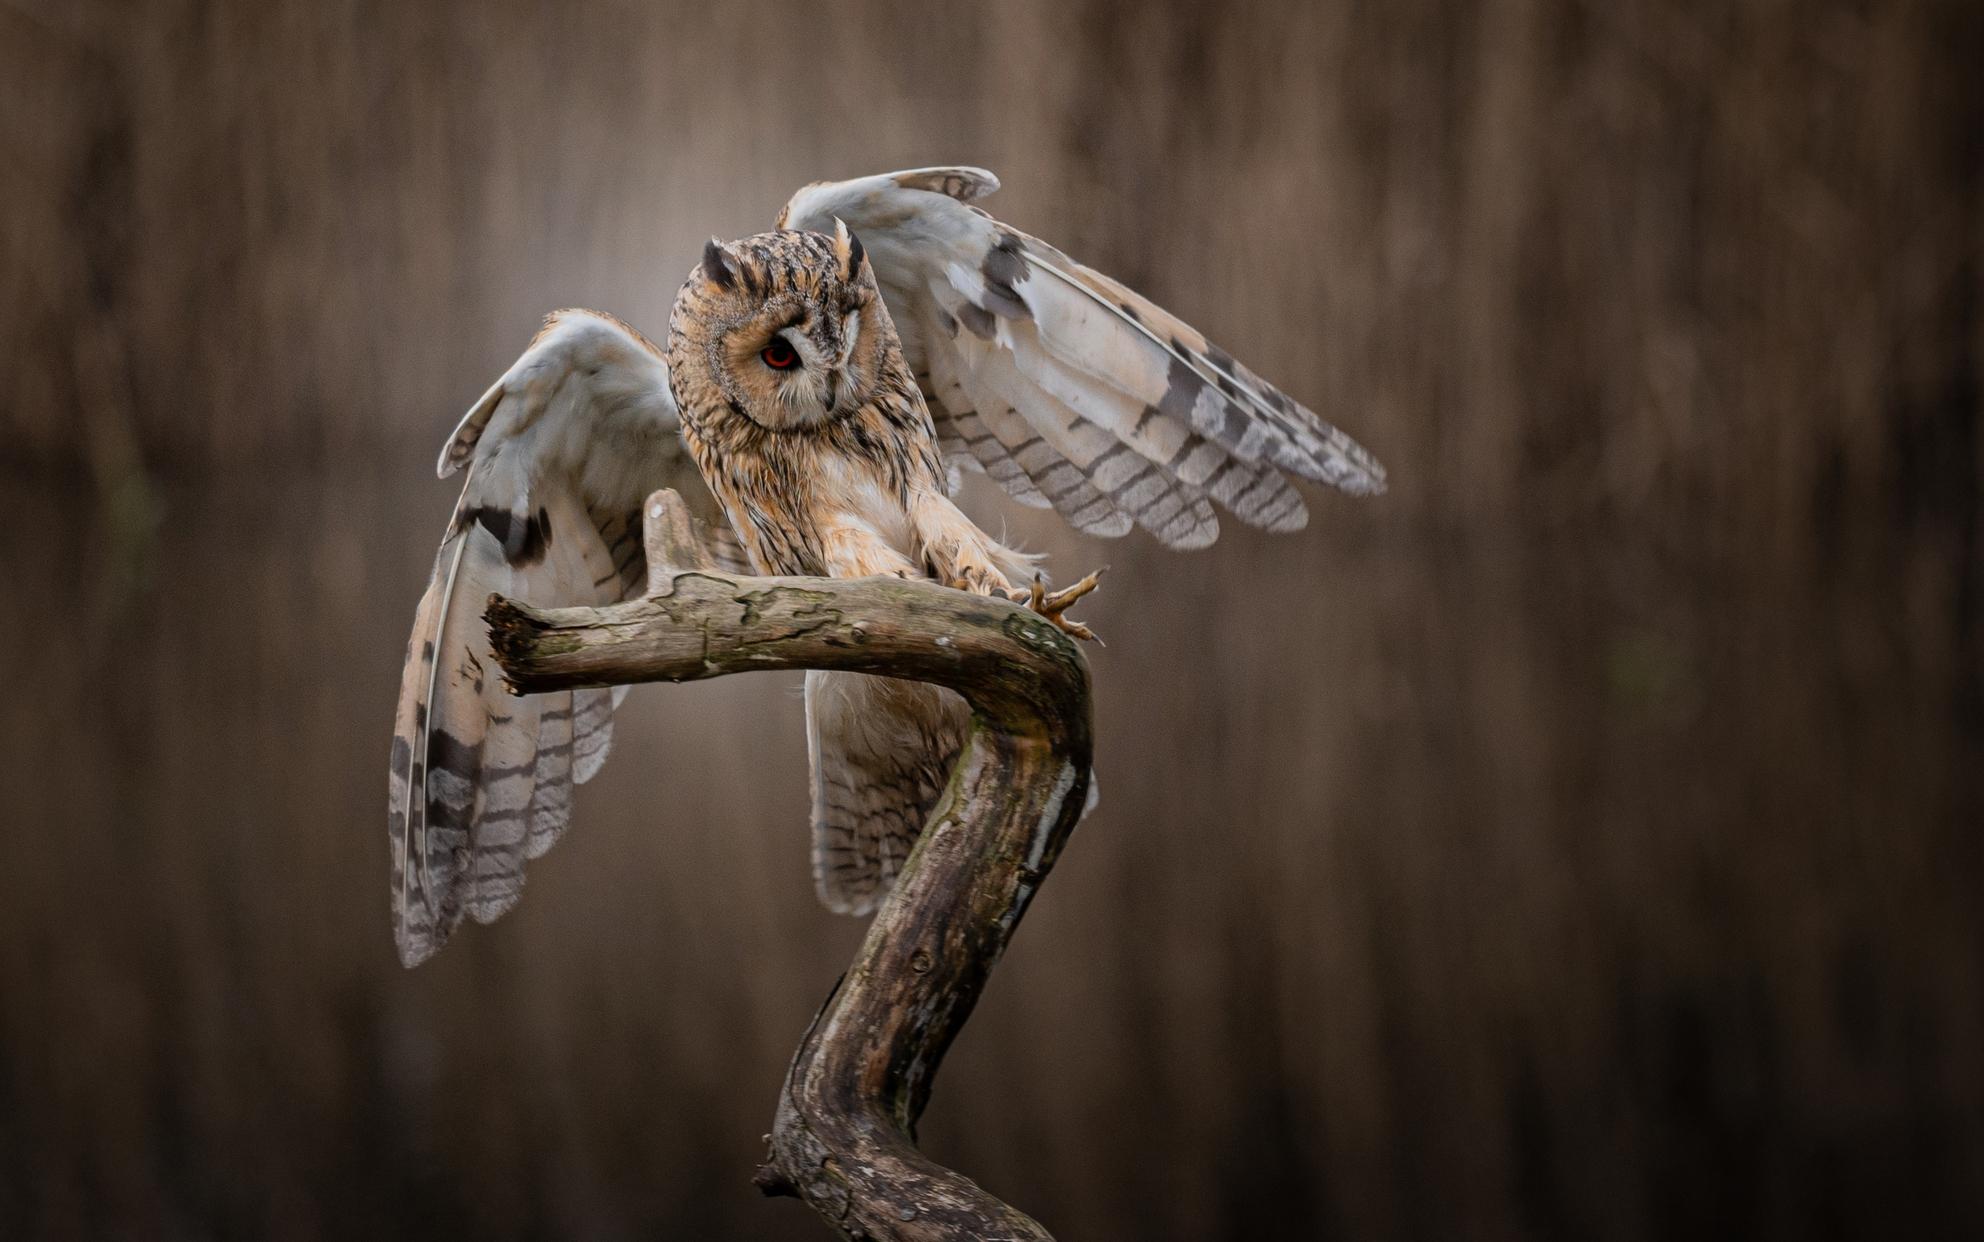 Ransuil - Nice landing - foto door makeuniquefotografie op 08-04-2021 - deze foto bevat: uil, ransuil, bruin, veren, natuur, vogel, roofvogel, vogel, uil, bek, hout, grijs, veer, fabriek, takje, falconiformes, roofvogel